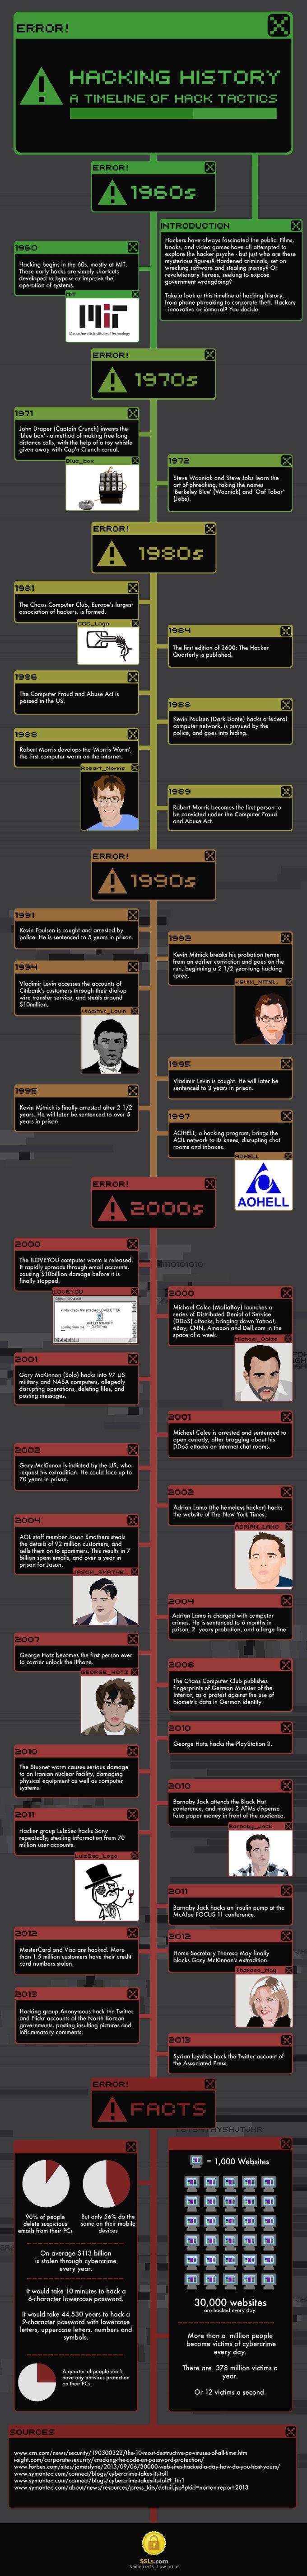 hacking-timeline